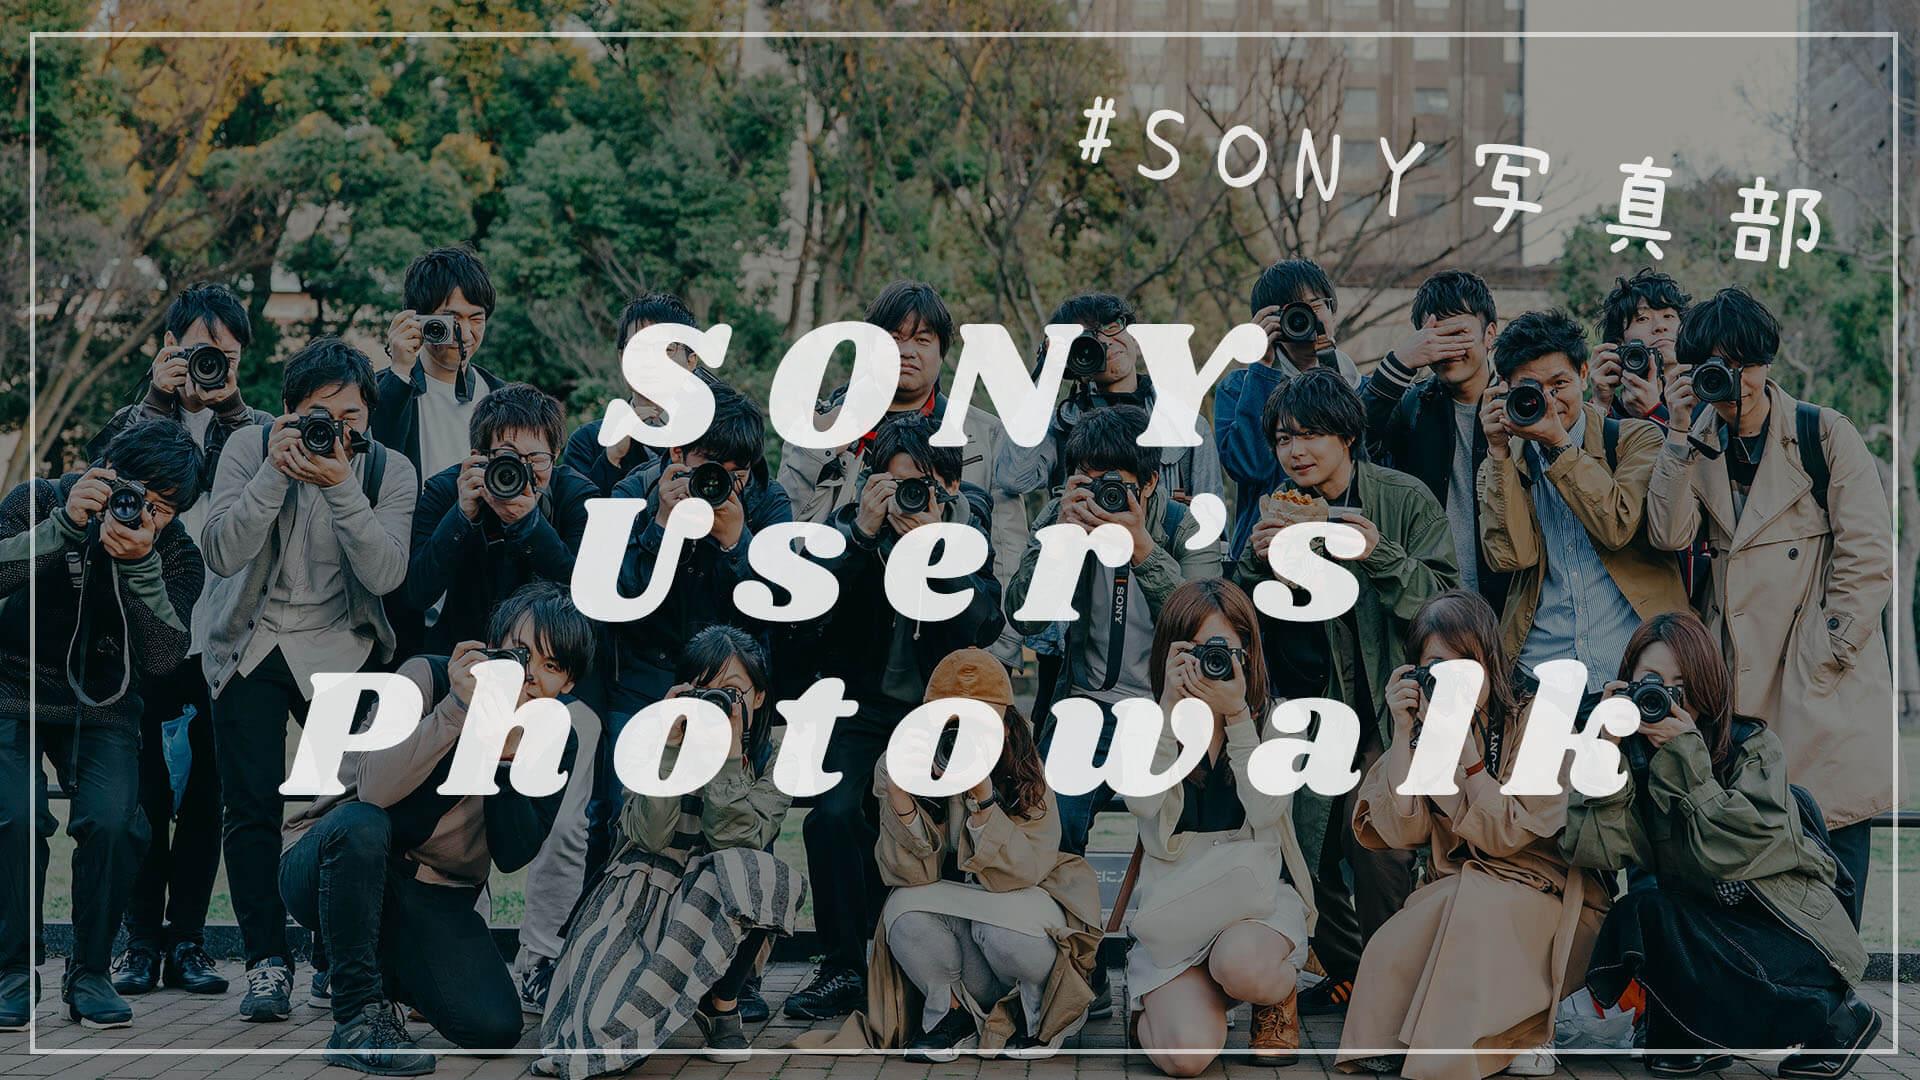 初めてのフォトウォーク主催。ソニーのカメラ仲間と、銀座の街を練り歩いてきました #SONY写真部